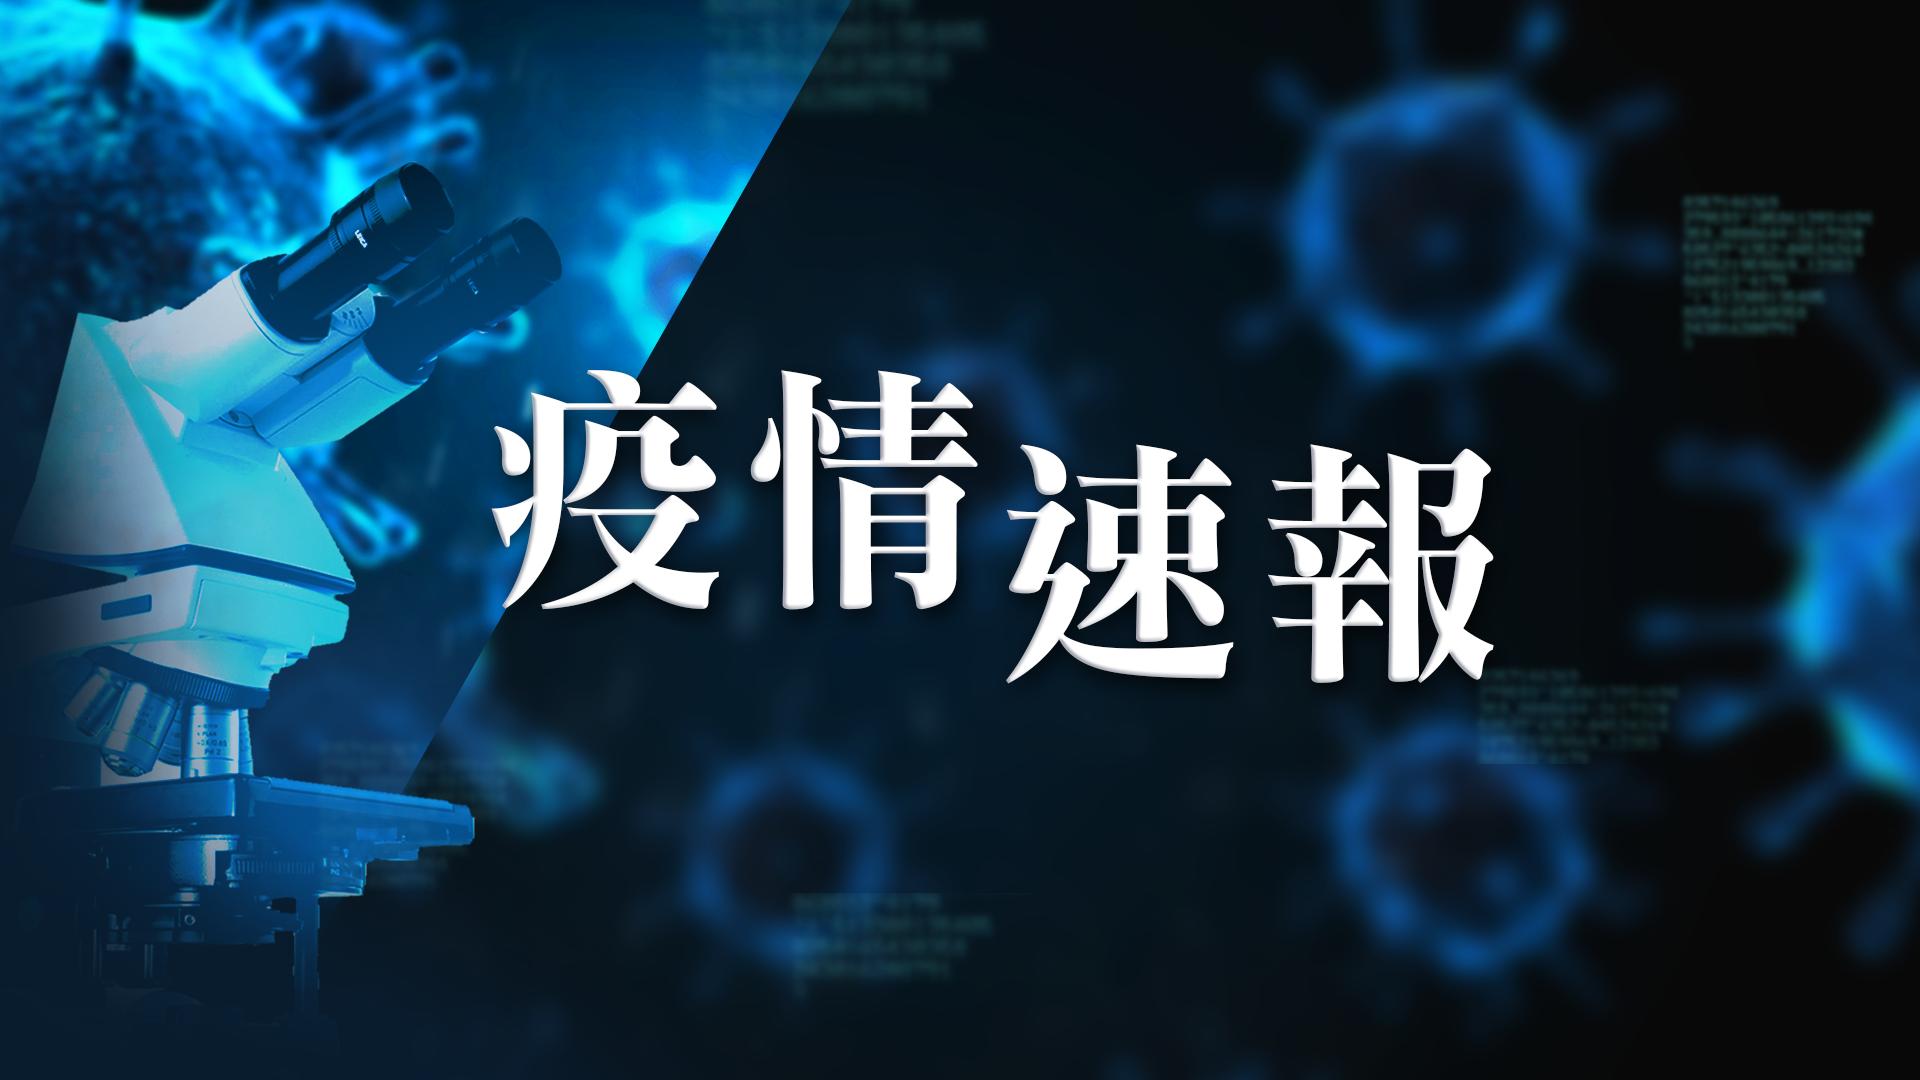 【8月7日疫情速報】(16:40)